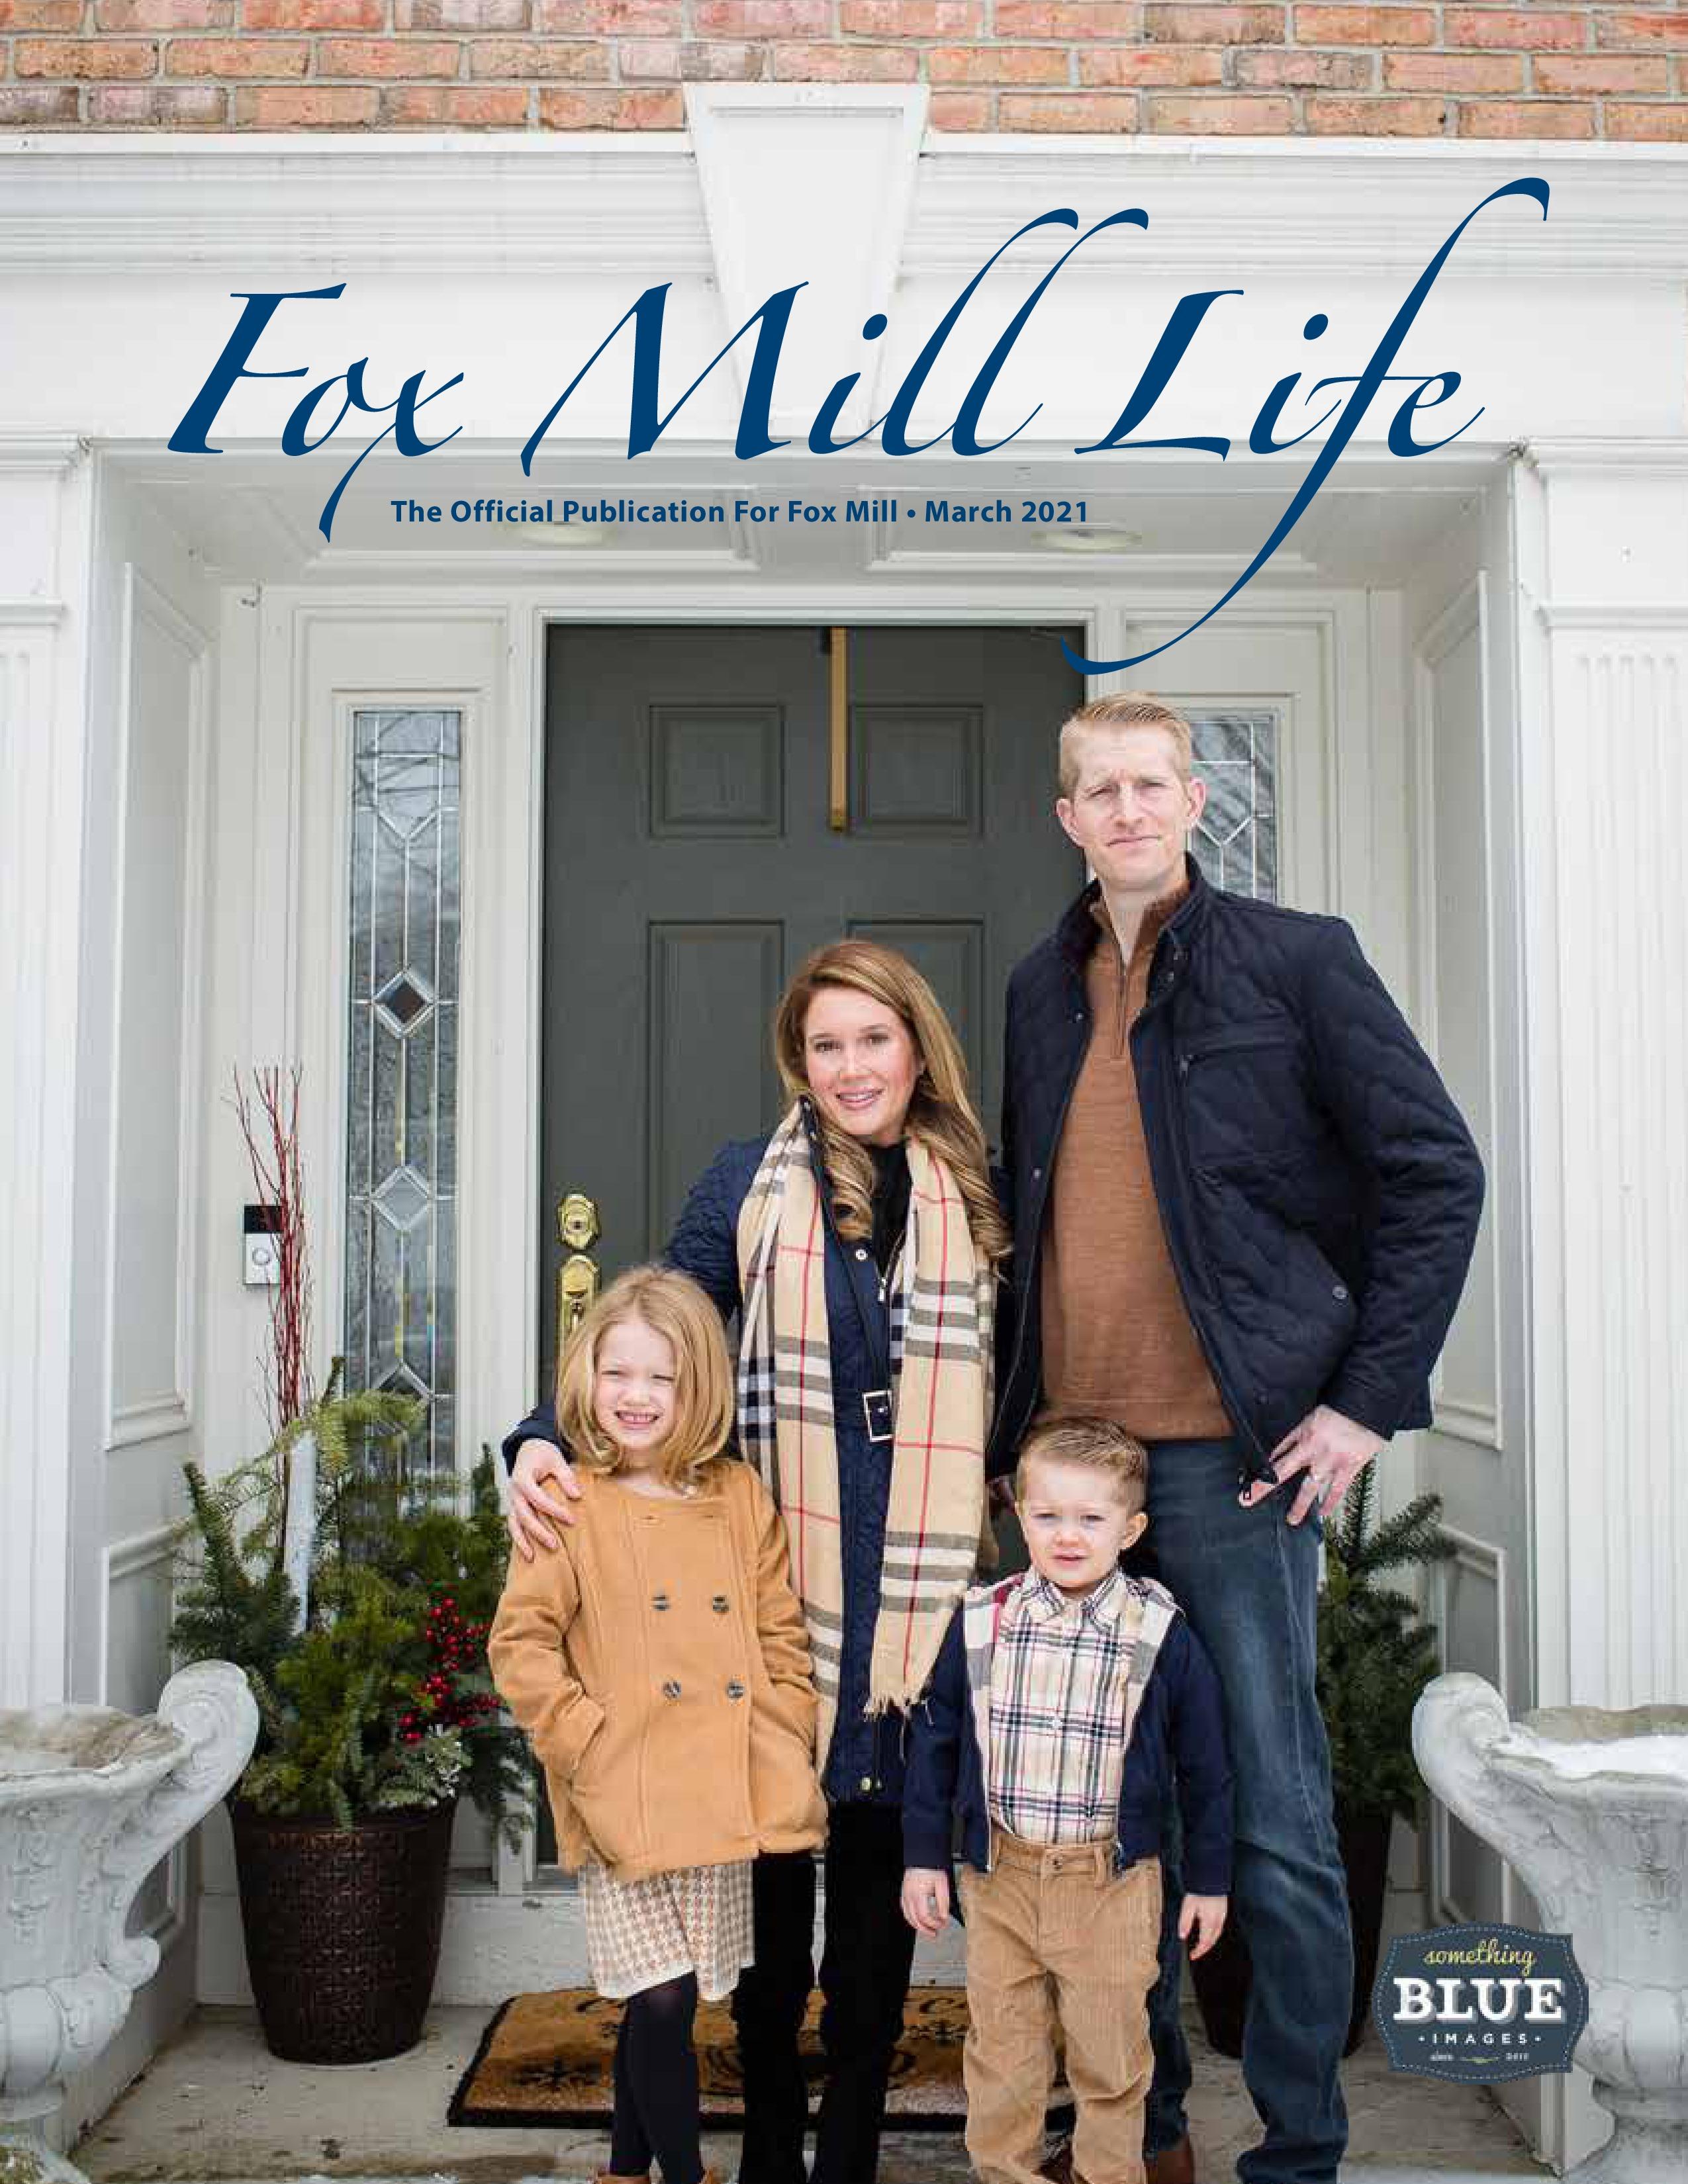 Fox Mill Life 2021-03-01